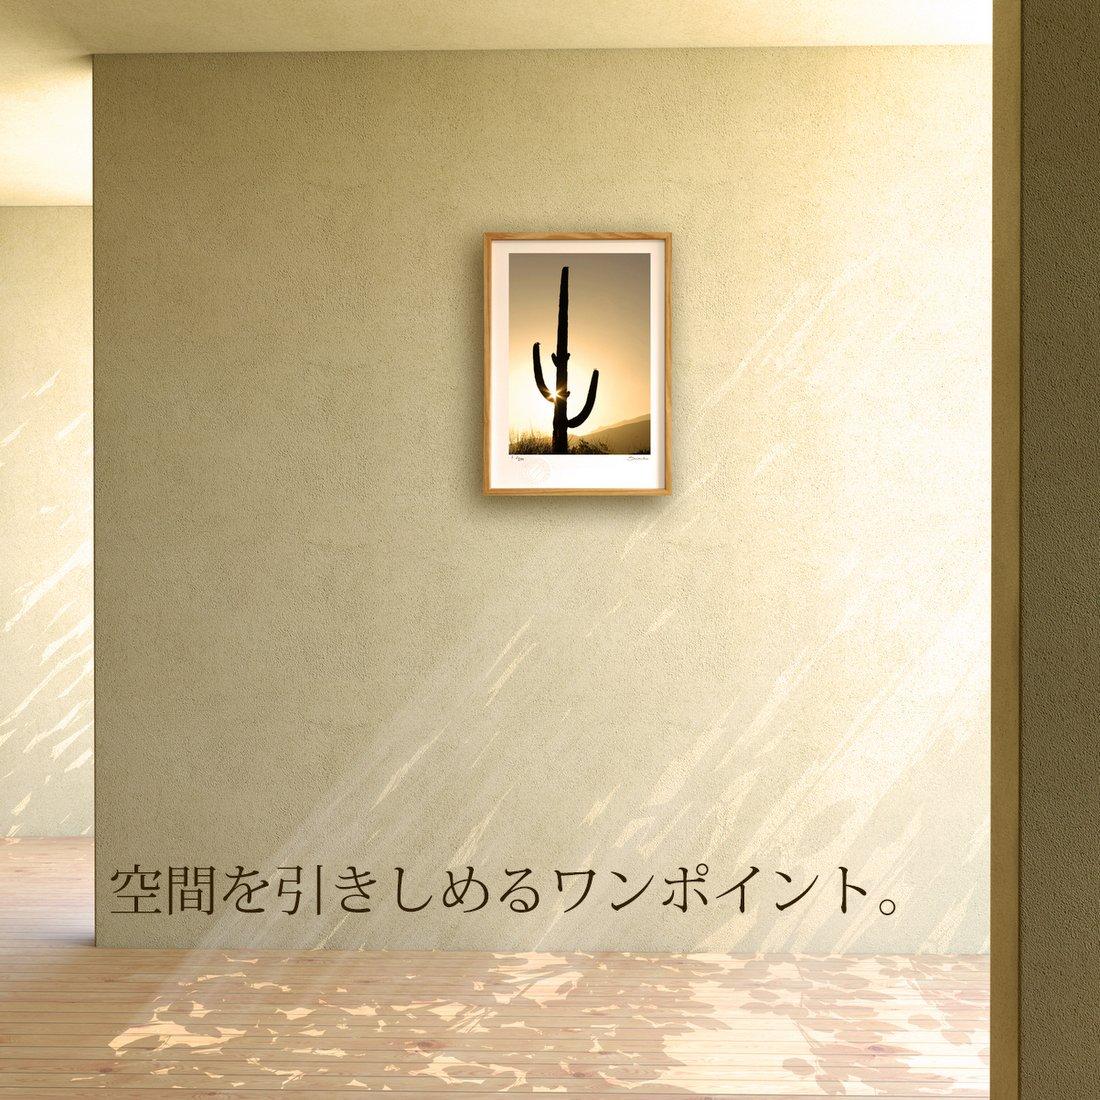 【版画 絵画】夕焼けのホースシューベンド(スミコ スコット)/インテリア 壁掛け 額入り アート アートパネル アートフレーム